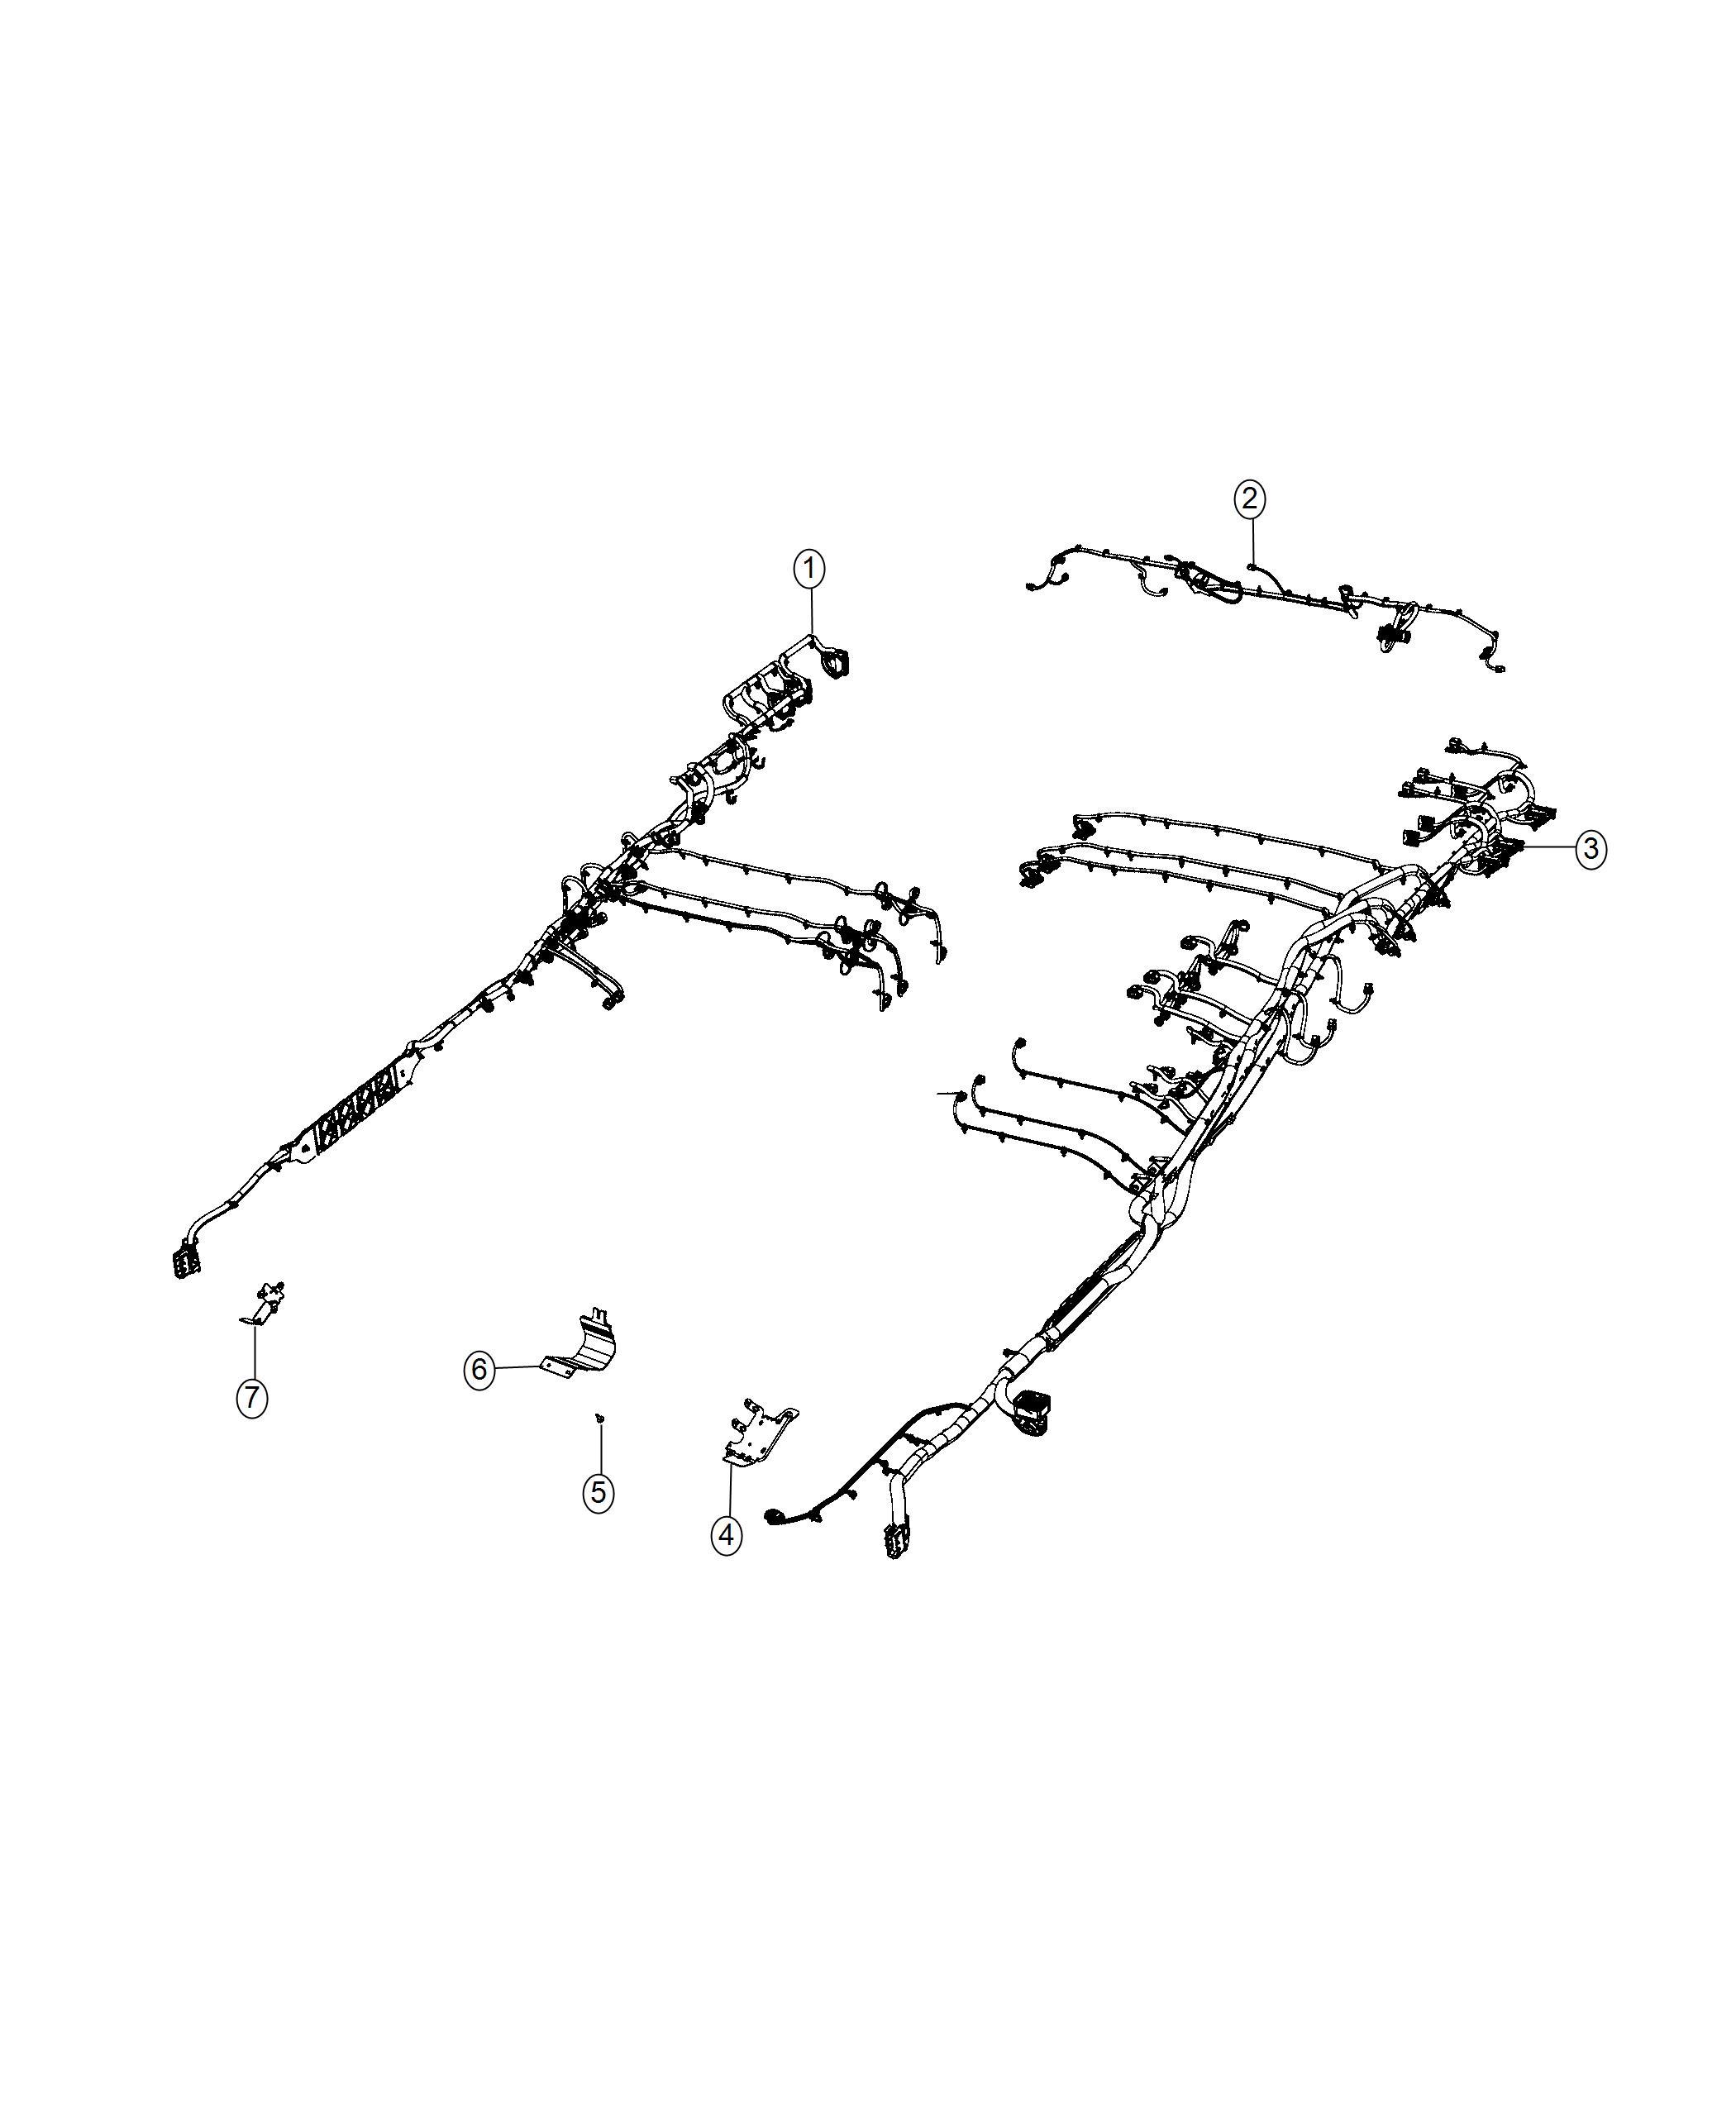 Ram 1500 Wiring. Rear fascia. [rear bumper module